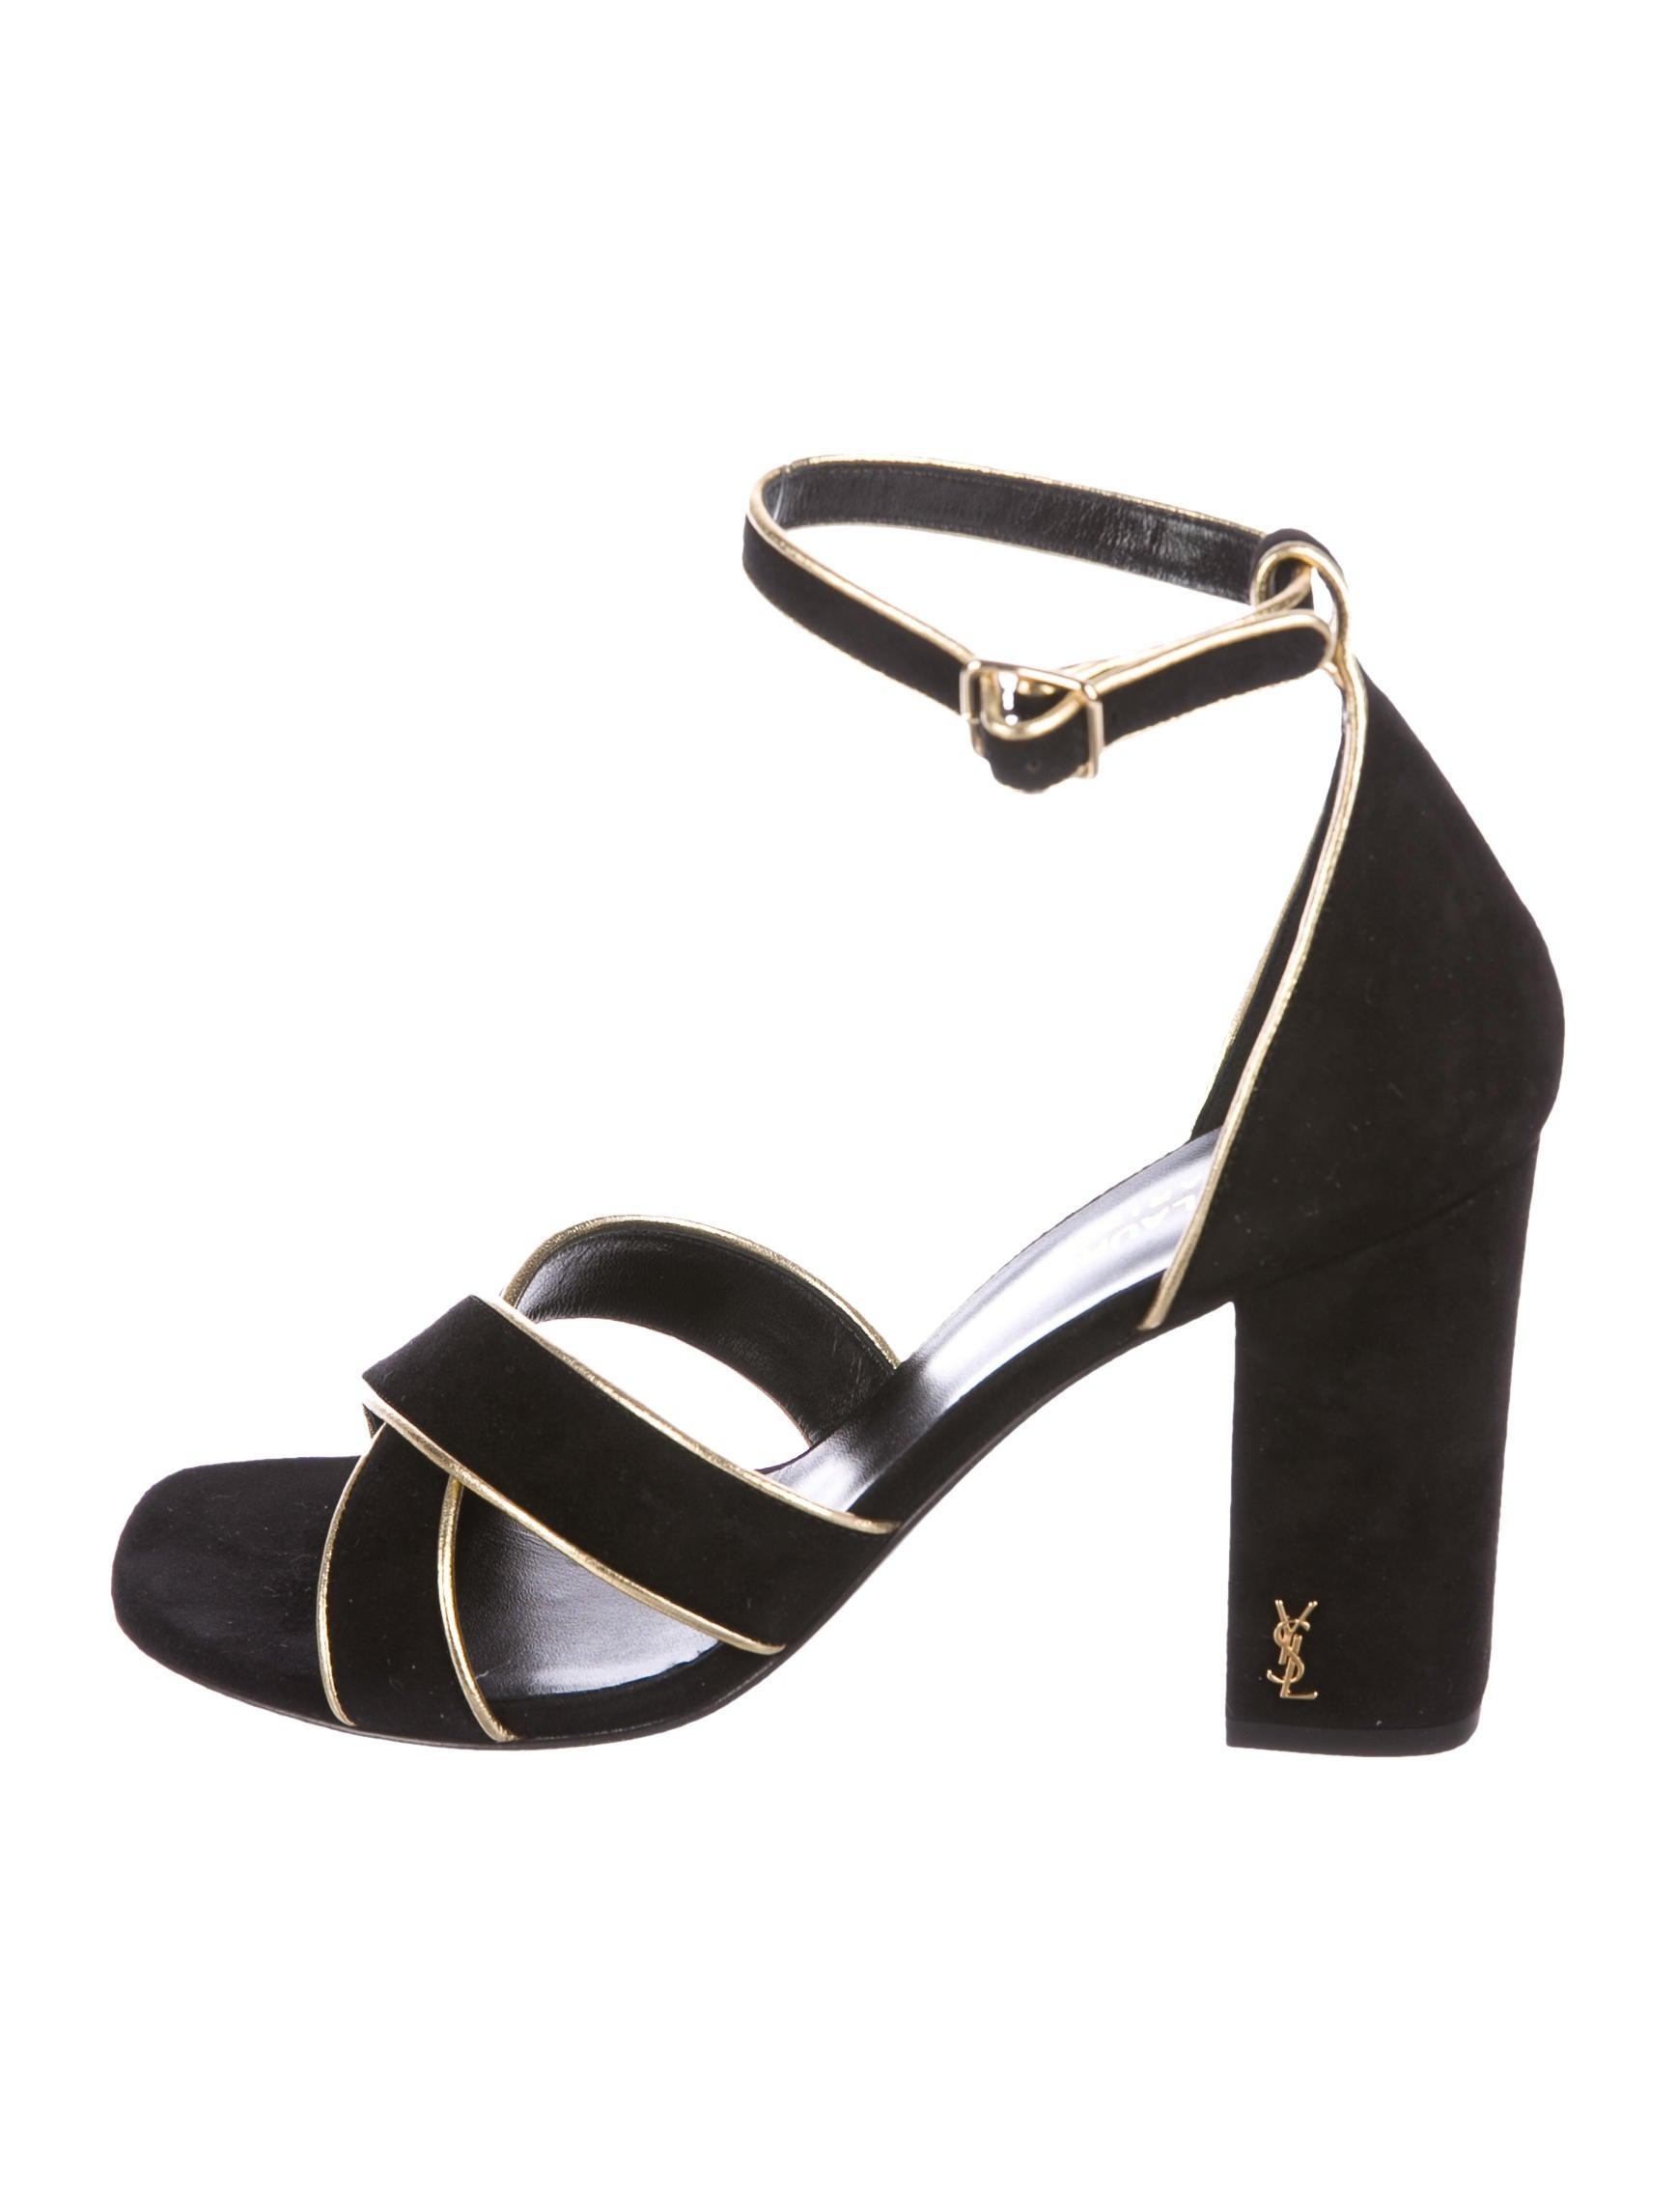 3de373d78959 Saint Laurent Babies Ankle Strap Sandals - Shoes - SNT42626